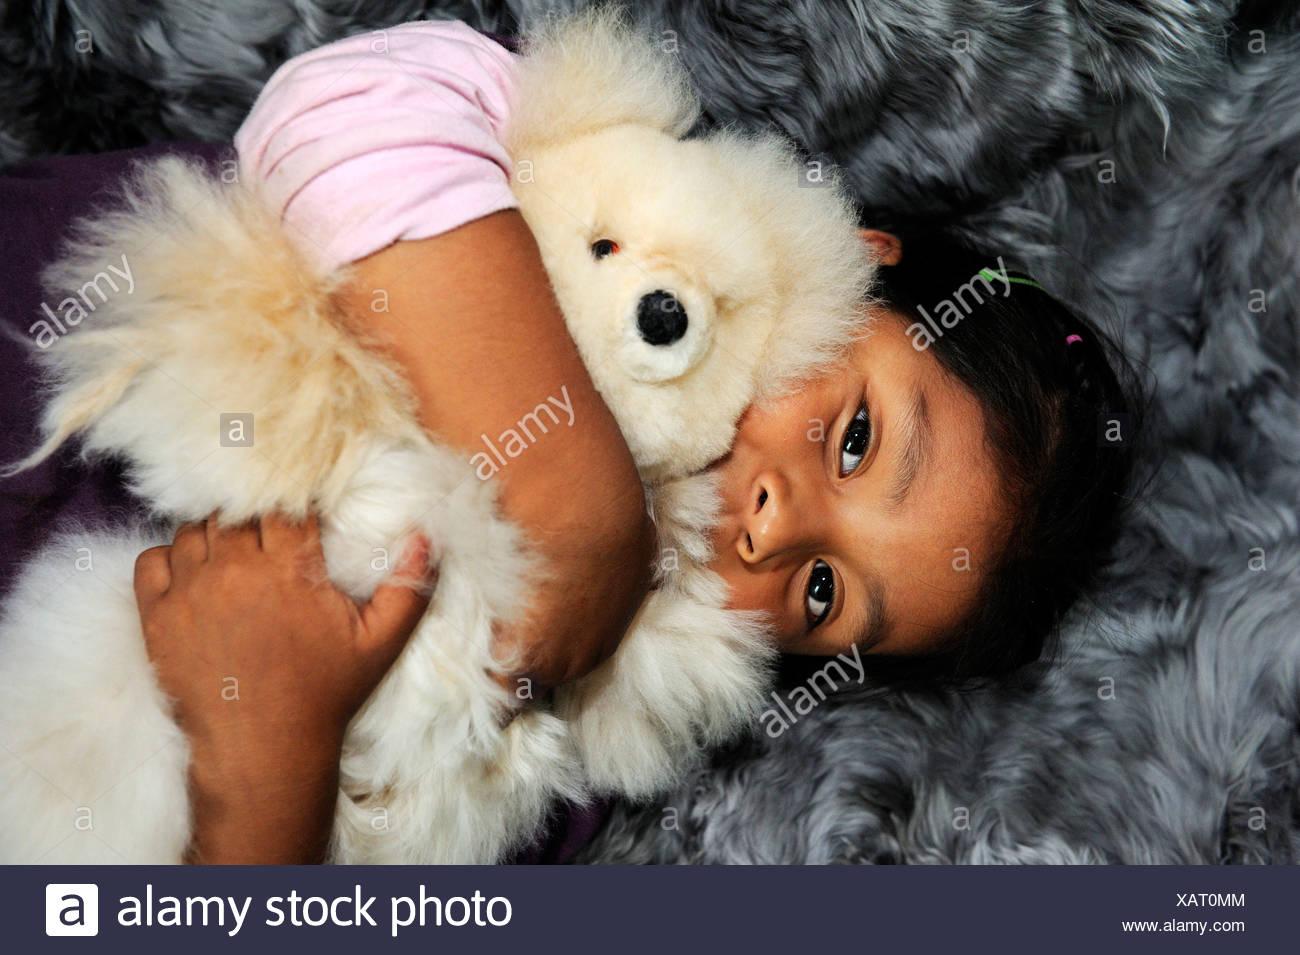 Mädchen mit indigenen Gesichtszüge umarmt einen Teddybären, Stofftiere und Teppiche aus Alpaka Fell in einer kleinen Familie Stockbild